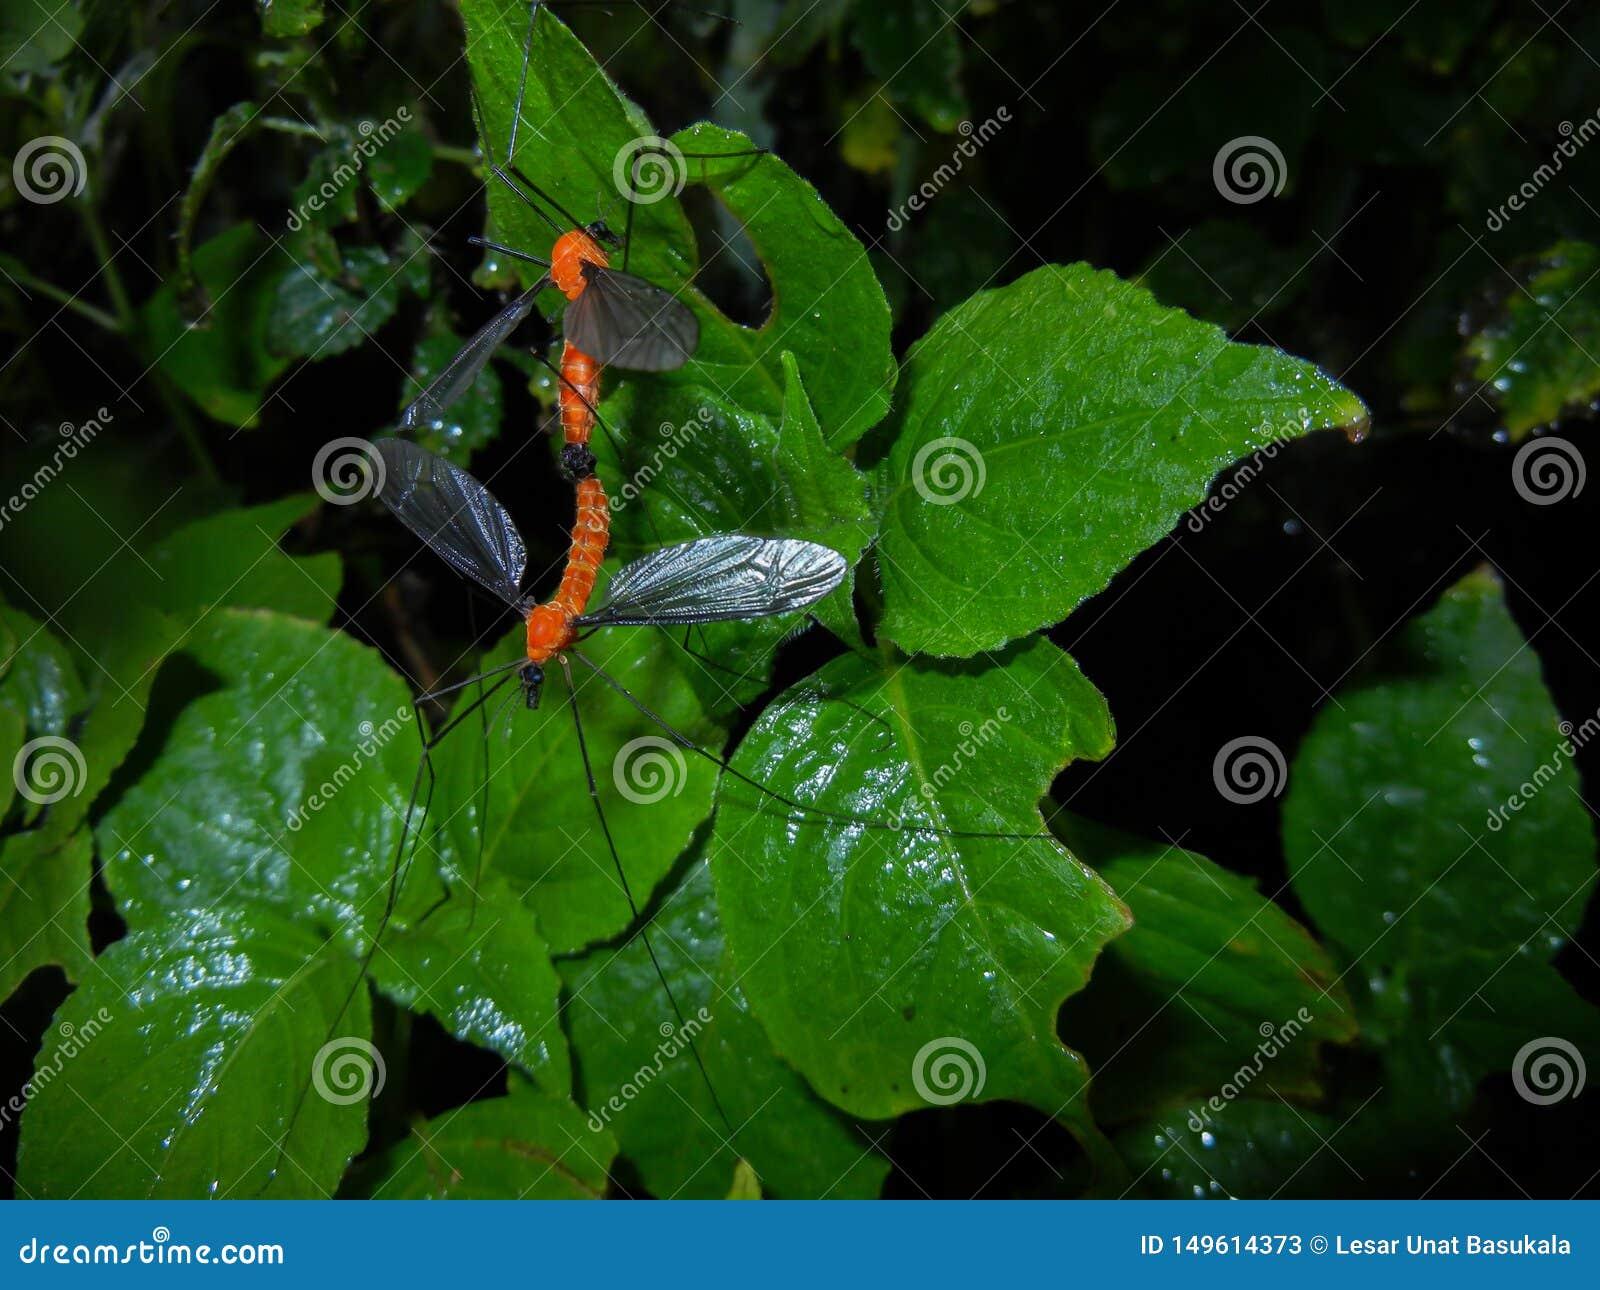 Ζευγάρωμα μυγών Cran, Insecta, δίπτερα, Tipulidae, ζευγαρώνοντας έντομο